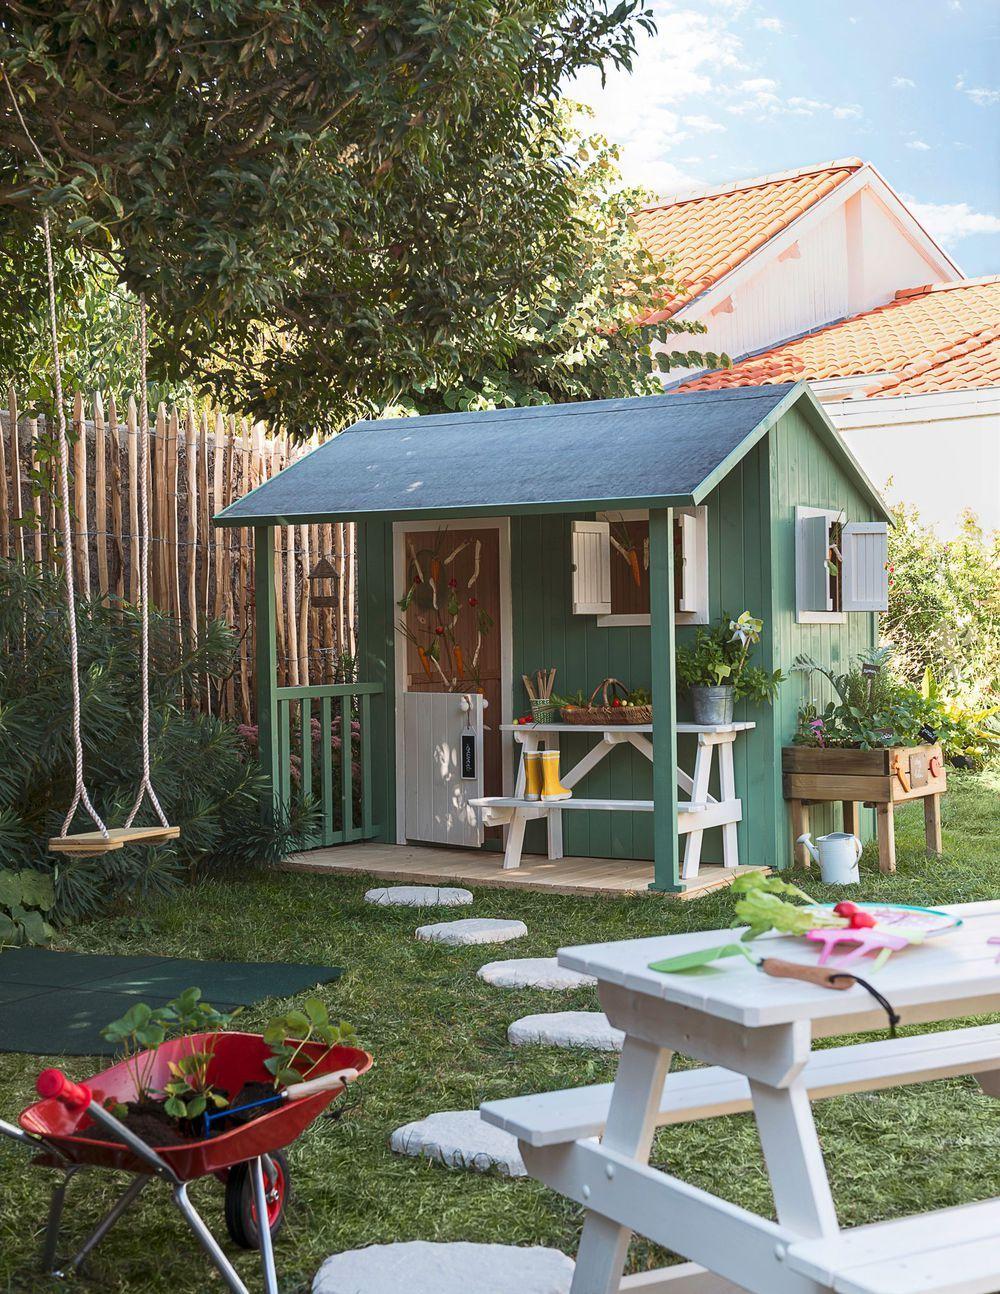 Cabane Enfant : Modèles Pour Le Jardin | Home encequiconcerne Cabane De Jardin Leroy Merlin